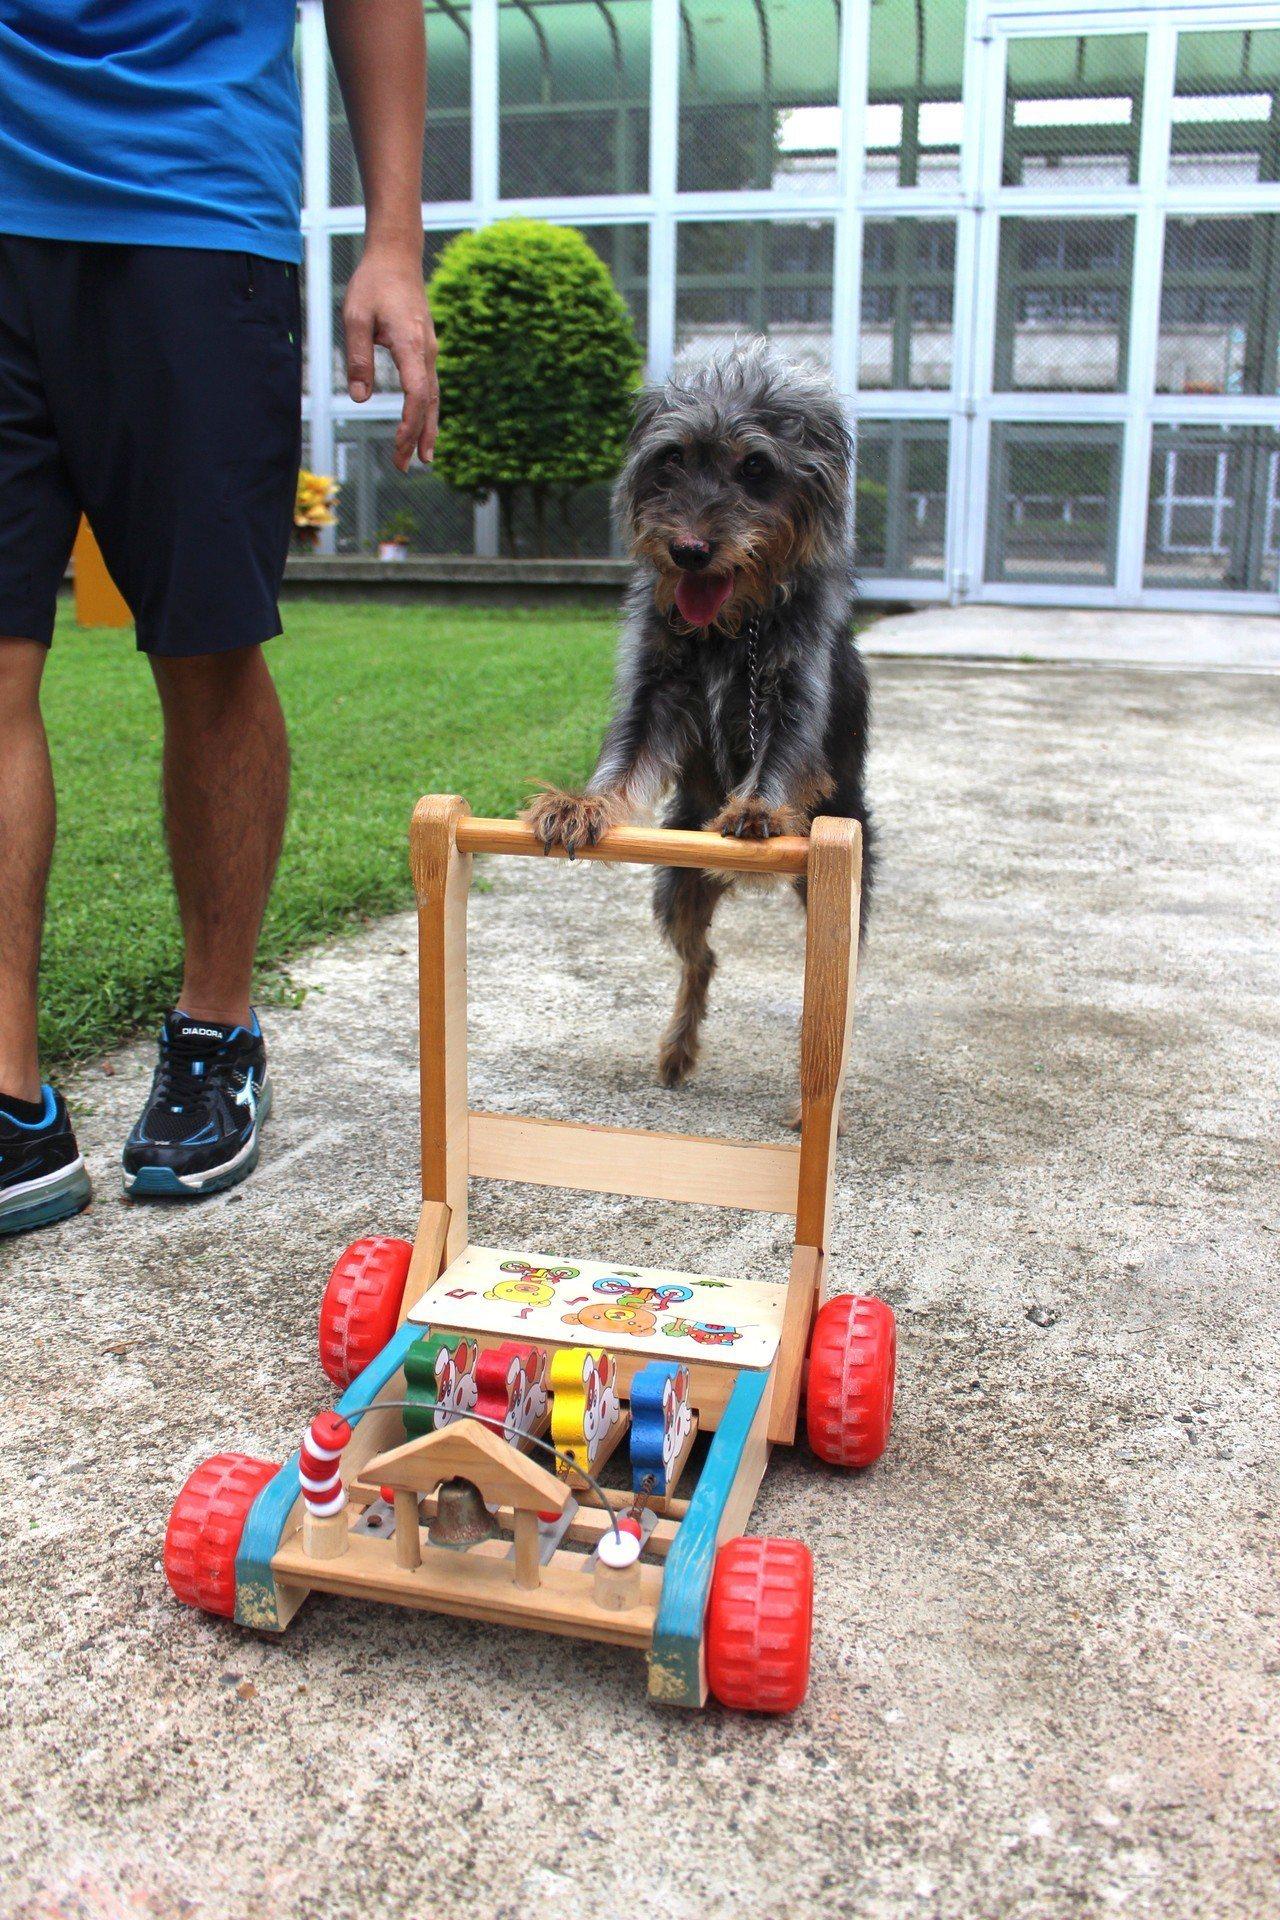 新竹監獄犬訓班這隻會推車的狗「毛毛」是獄所內的狗老大,已到獄所5年多,仍待認養。...